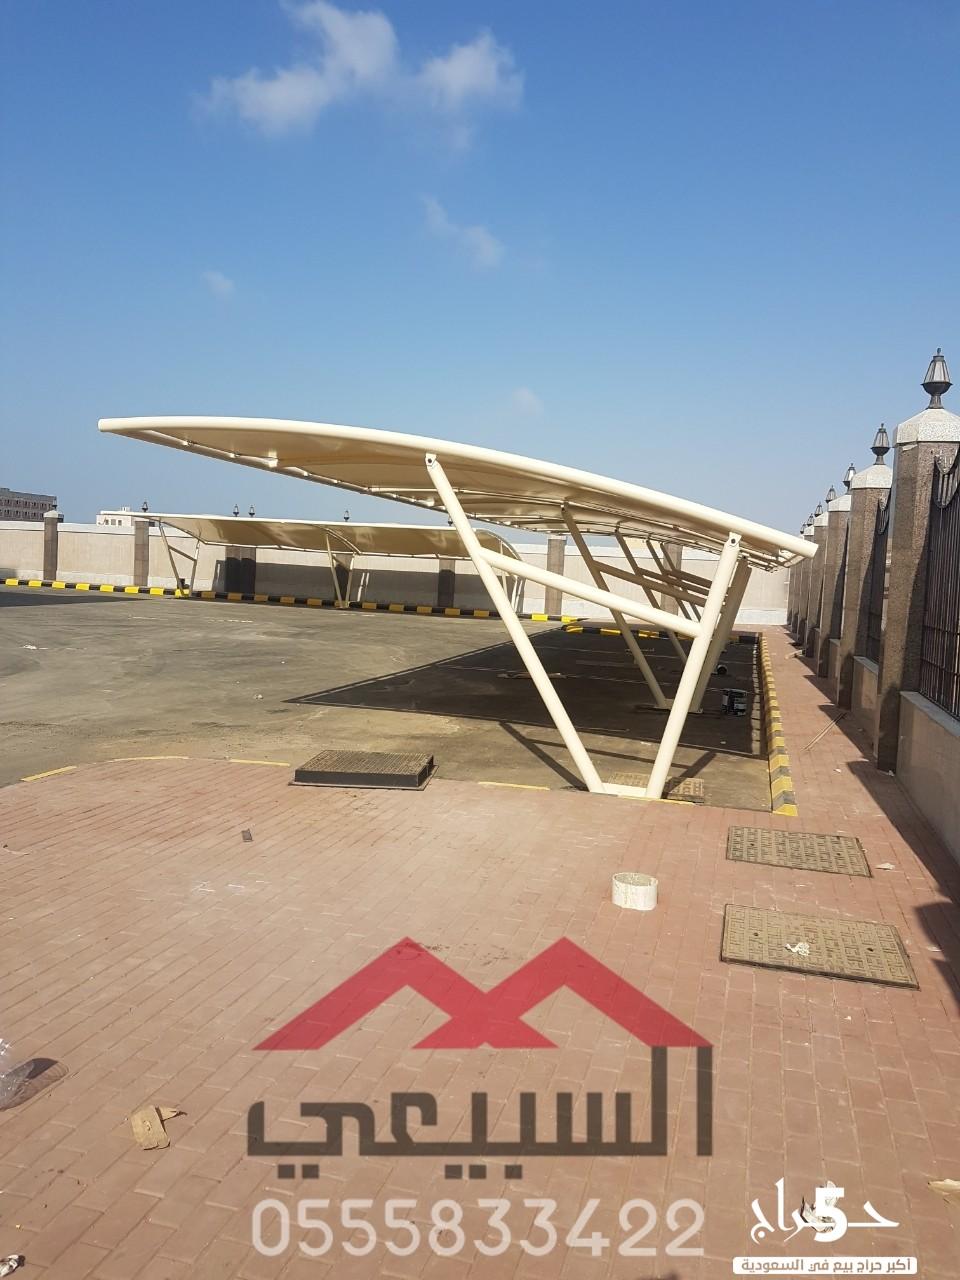 مظلات بي في سي, مظلات سيارات, تنفيذ مشاريع مظلات سيارات في الرياض, 0508974586